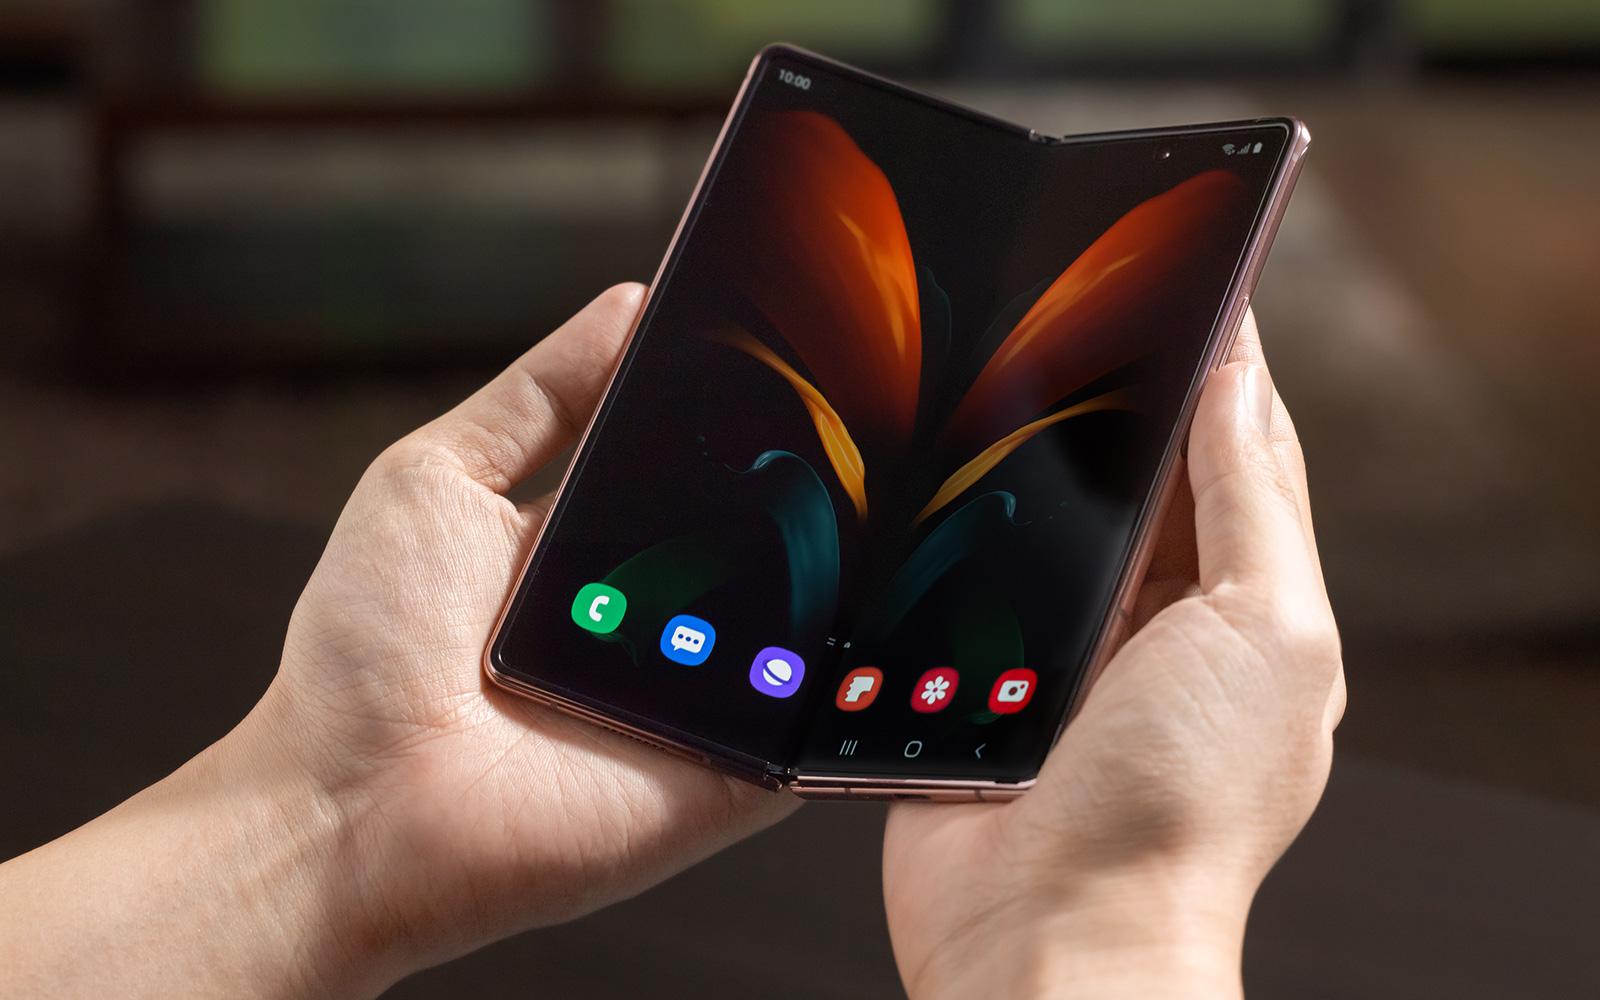 【快訊】最新三星摺疊機曝光?爆8月發表旗艦手機Galaxy  Z Fold 3